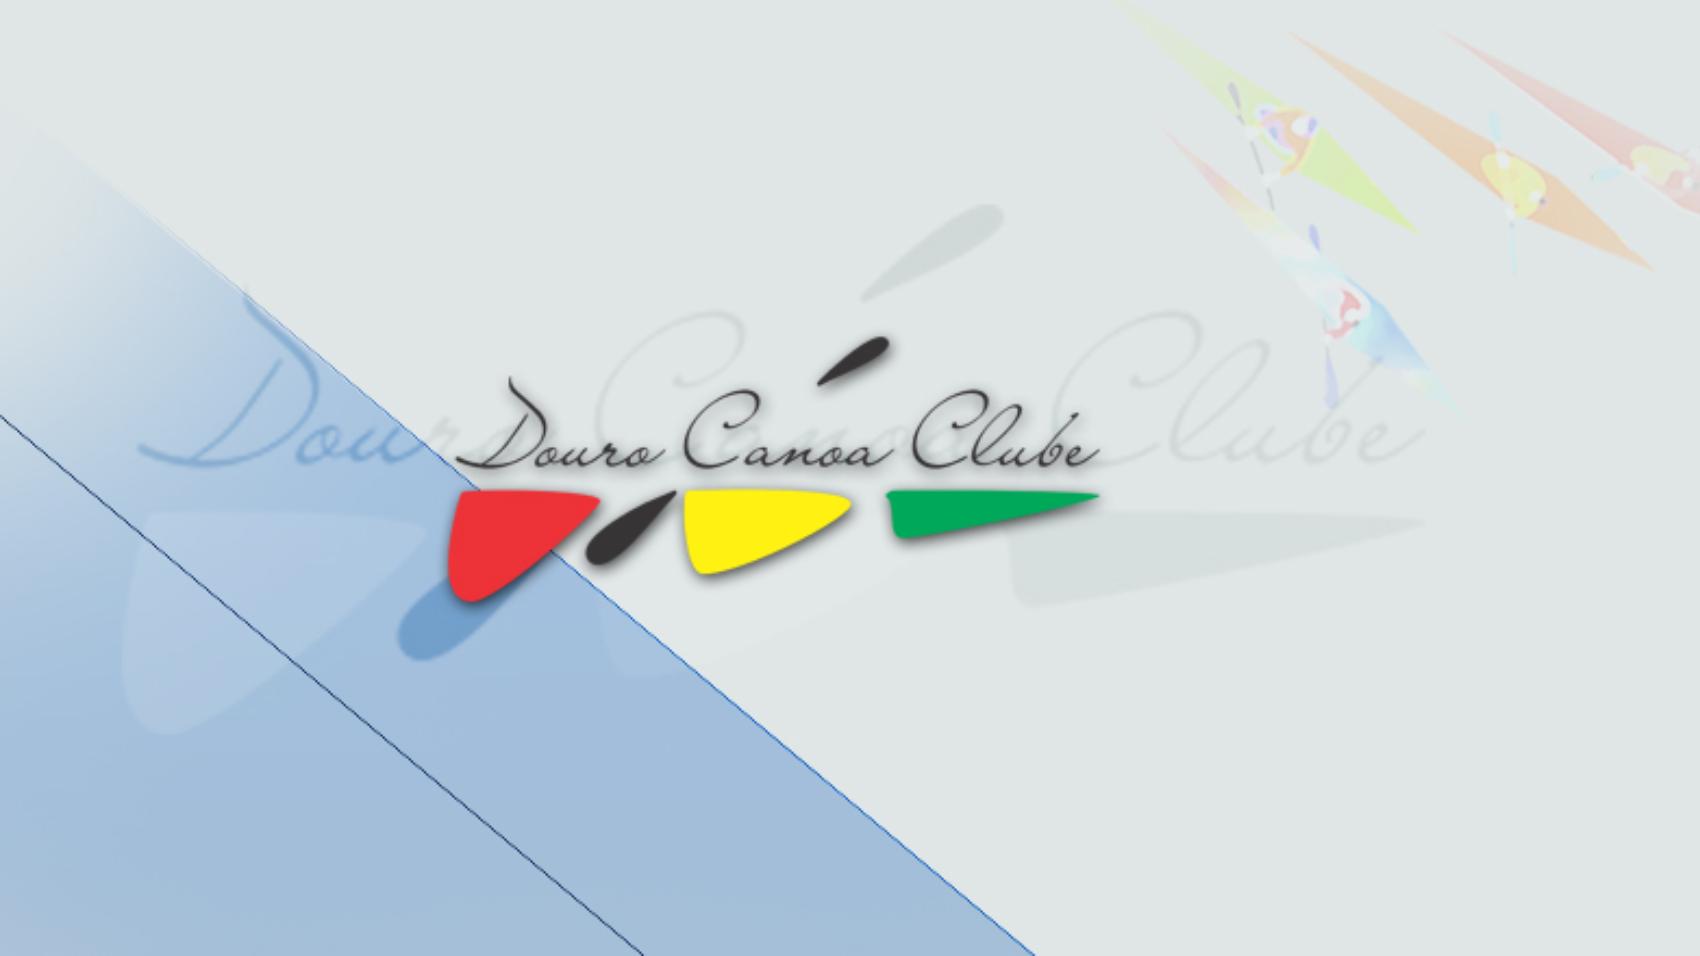 Eduardo Cunha sobe ao pódio em Gemeses blog Canoagem Douro Canoa Clube 1